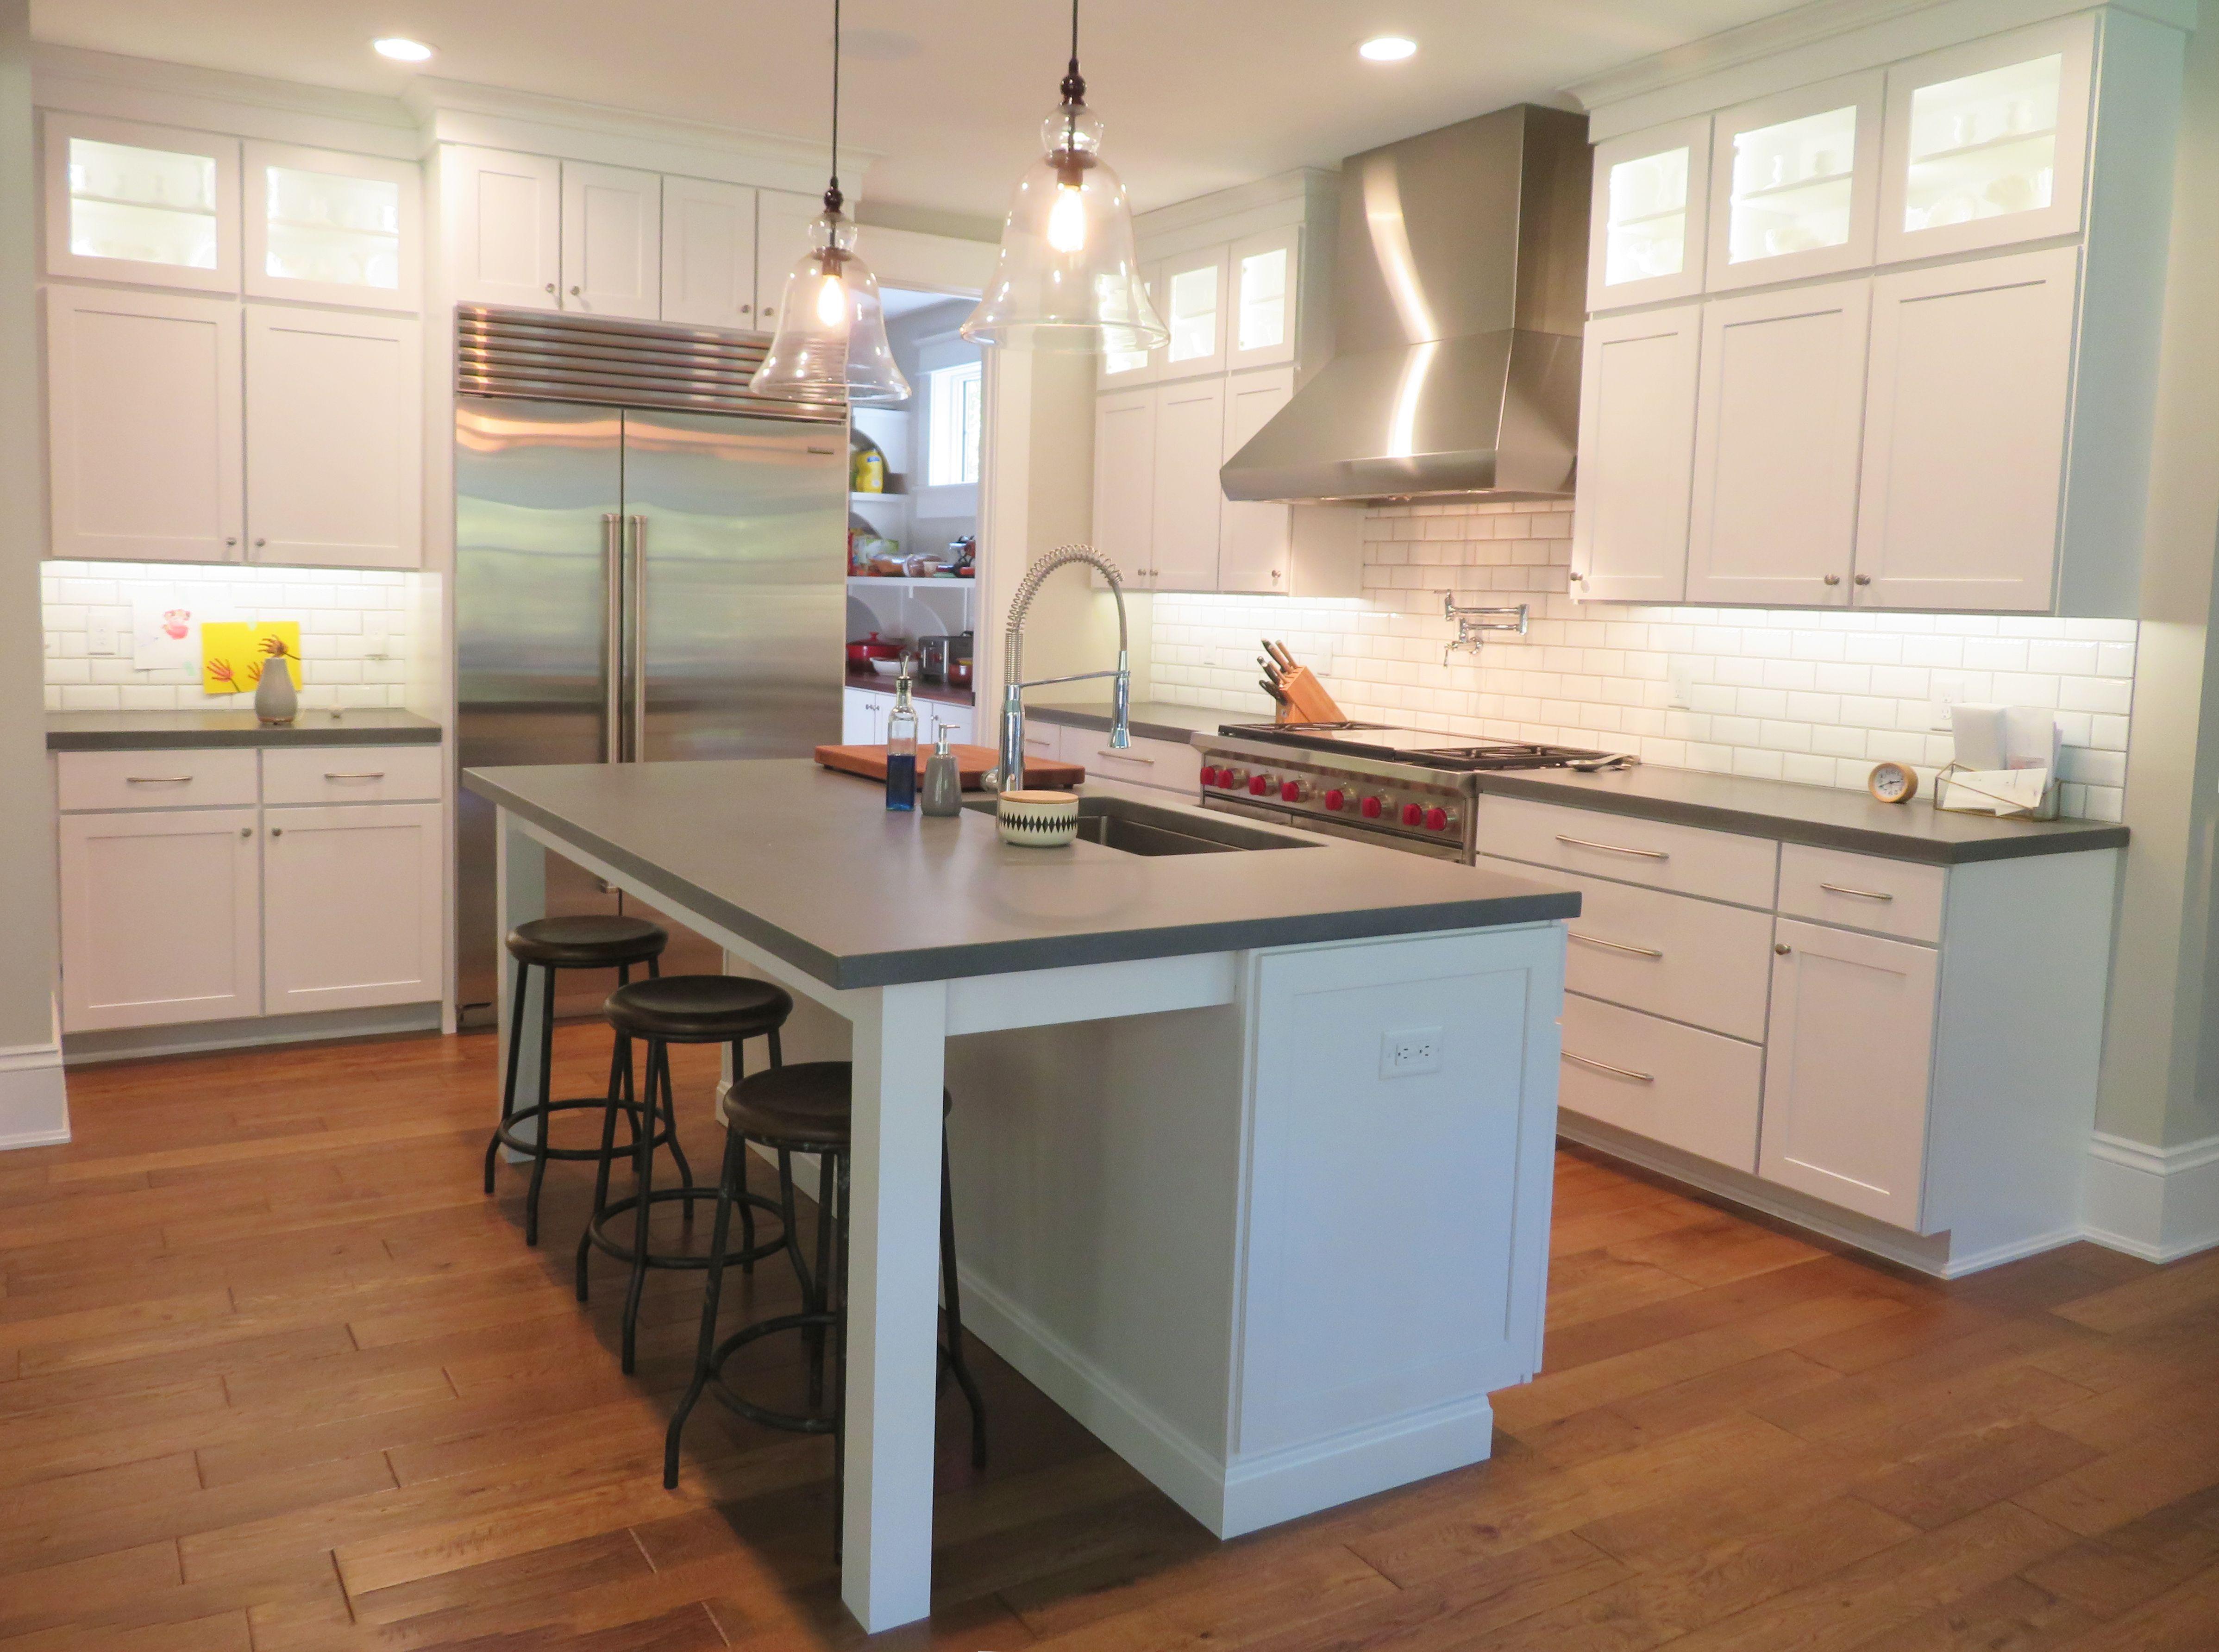 Echelon Cabinetry In Trevino Maple Alpine White Kitchen Design Kitchen Layout Kitchen And Bath